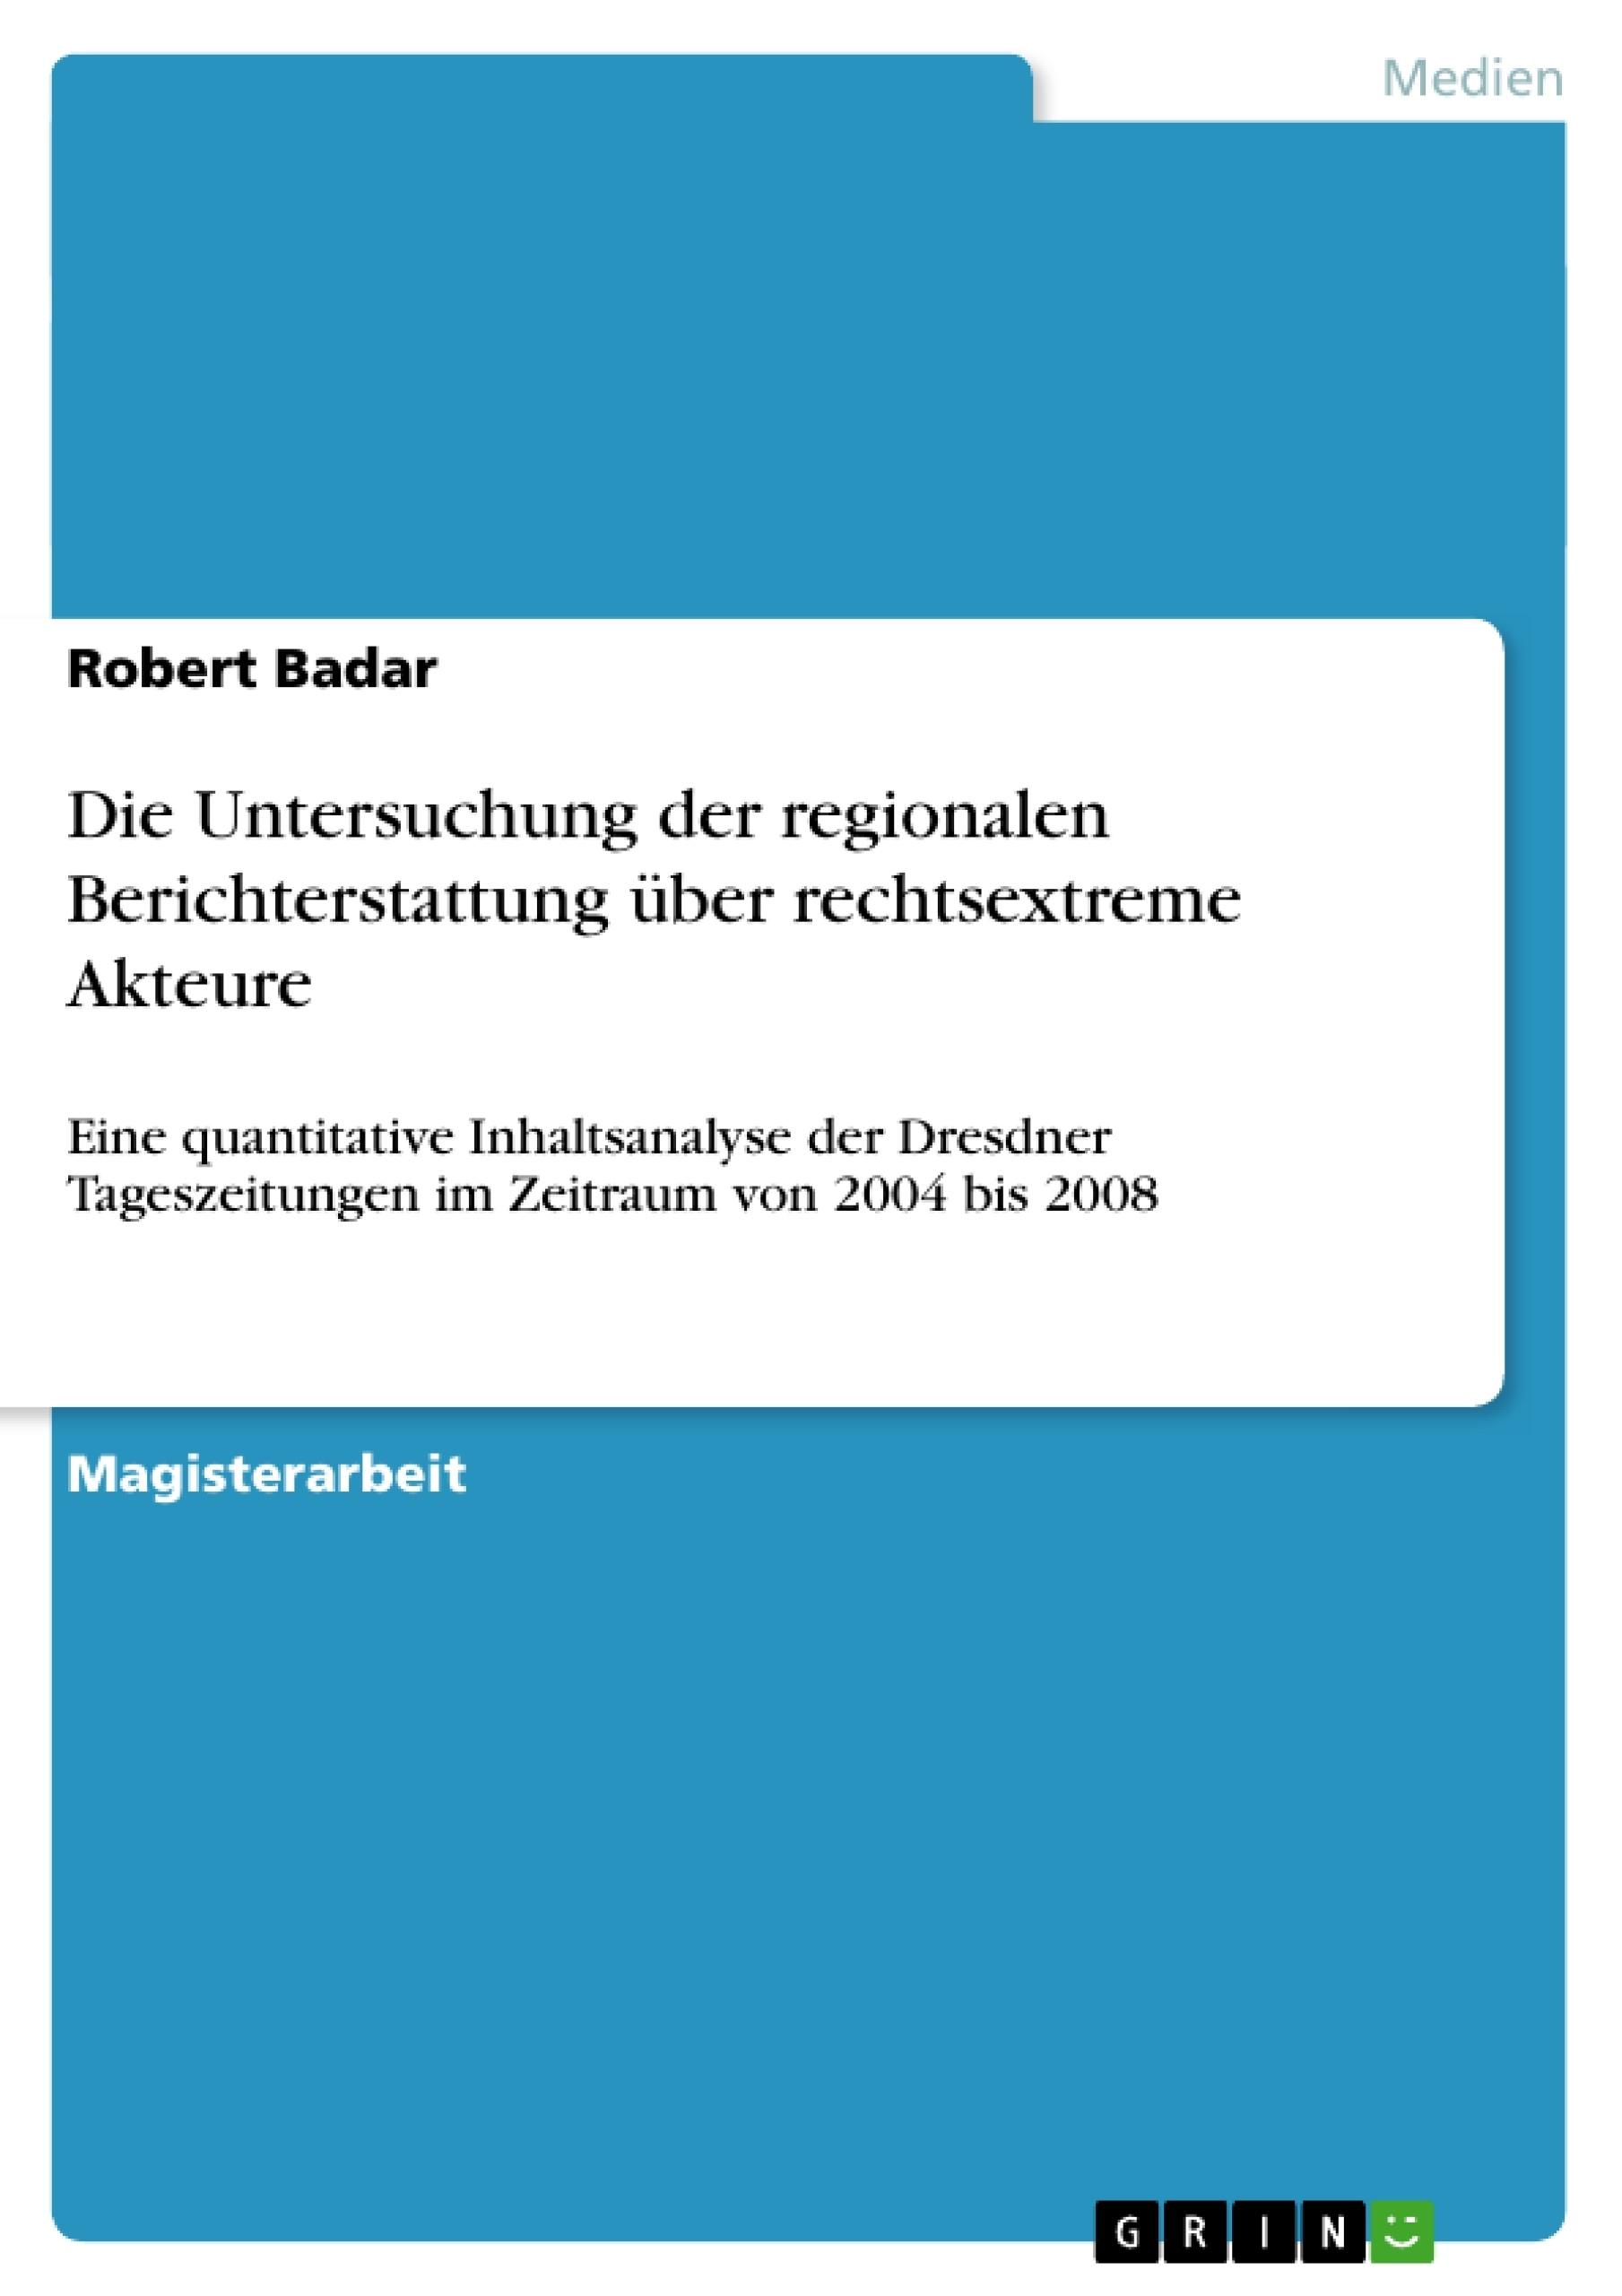 Titel: Die Untersuchung der regionalen Berichterstattung über rechtsextreme Akteure